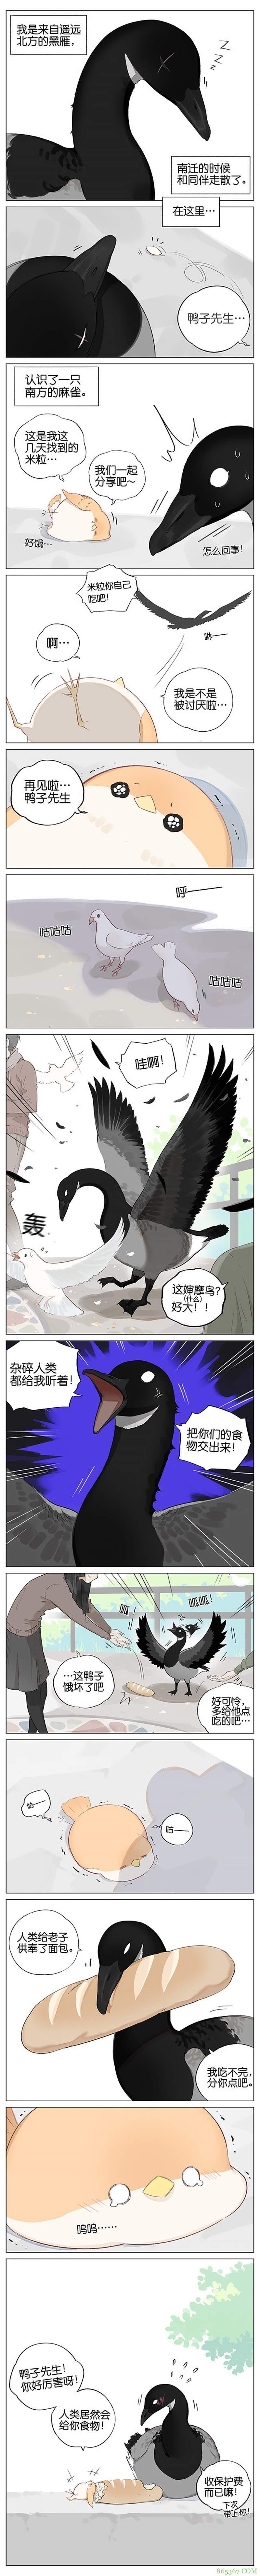 """阿闷aman最新漫画《南方的鸟和北方的鸟》 黑雁被当鸭子""""霸道总裁""""十足"""